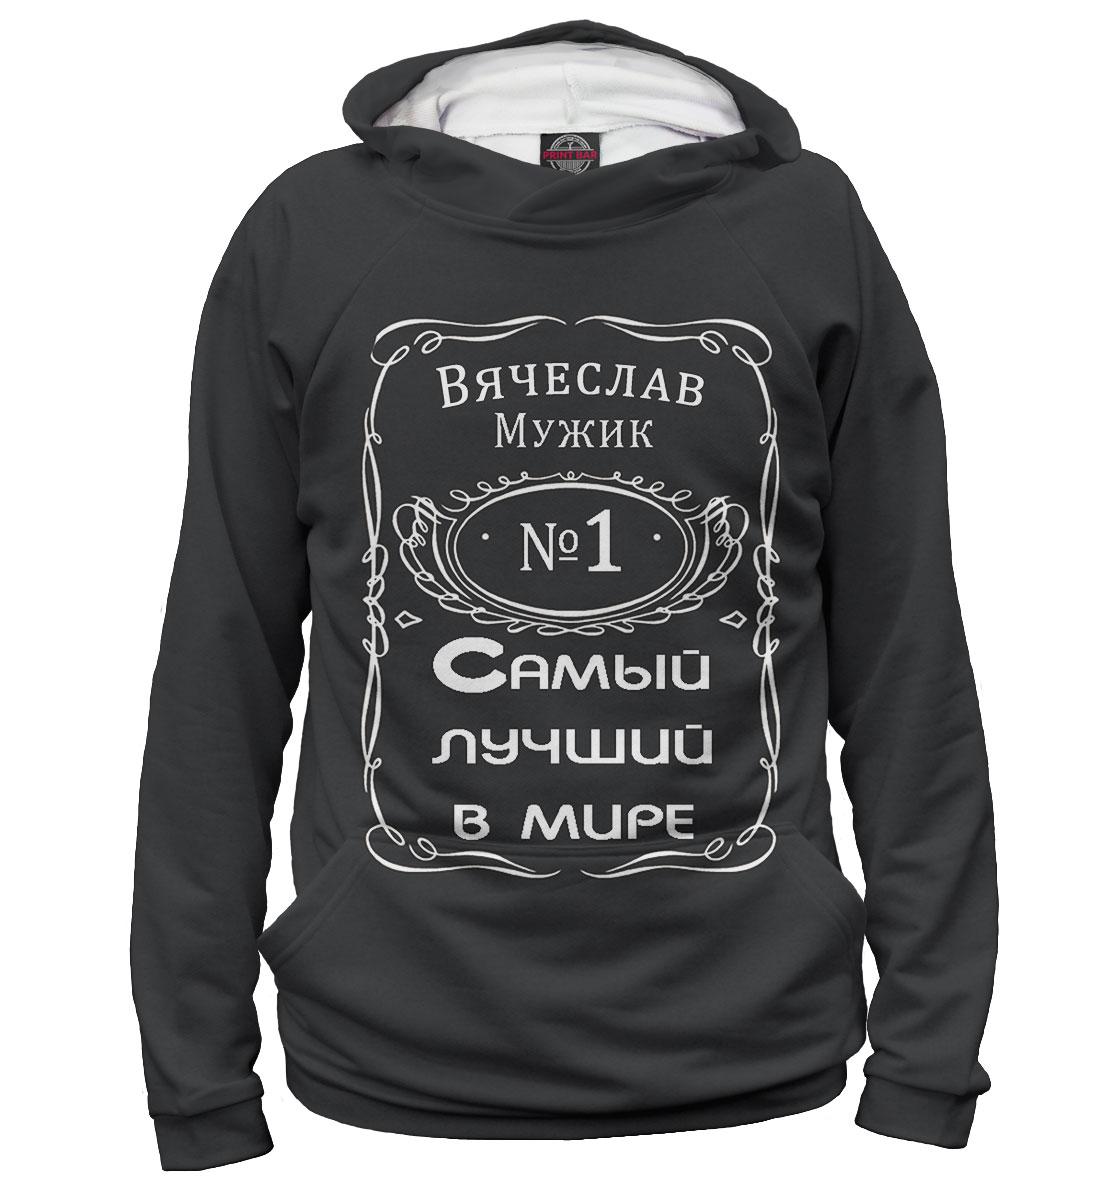 Купить Вячеслав — самый лучший в мире, Printbar, Худи, IMR-817792-hud